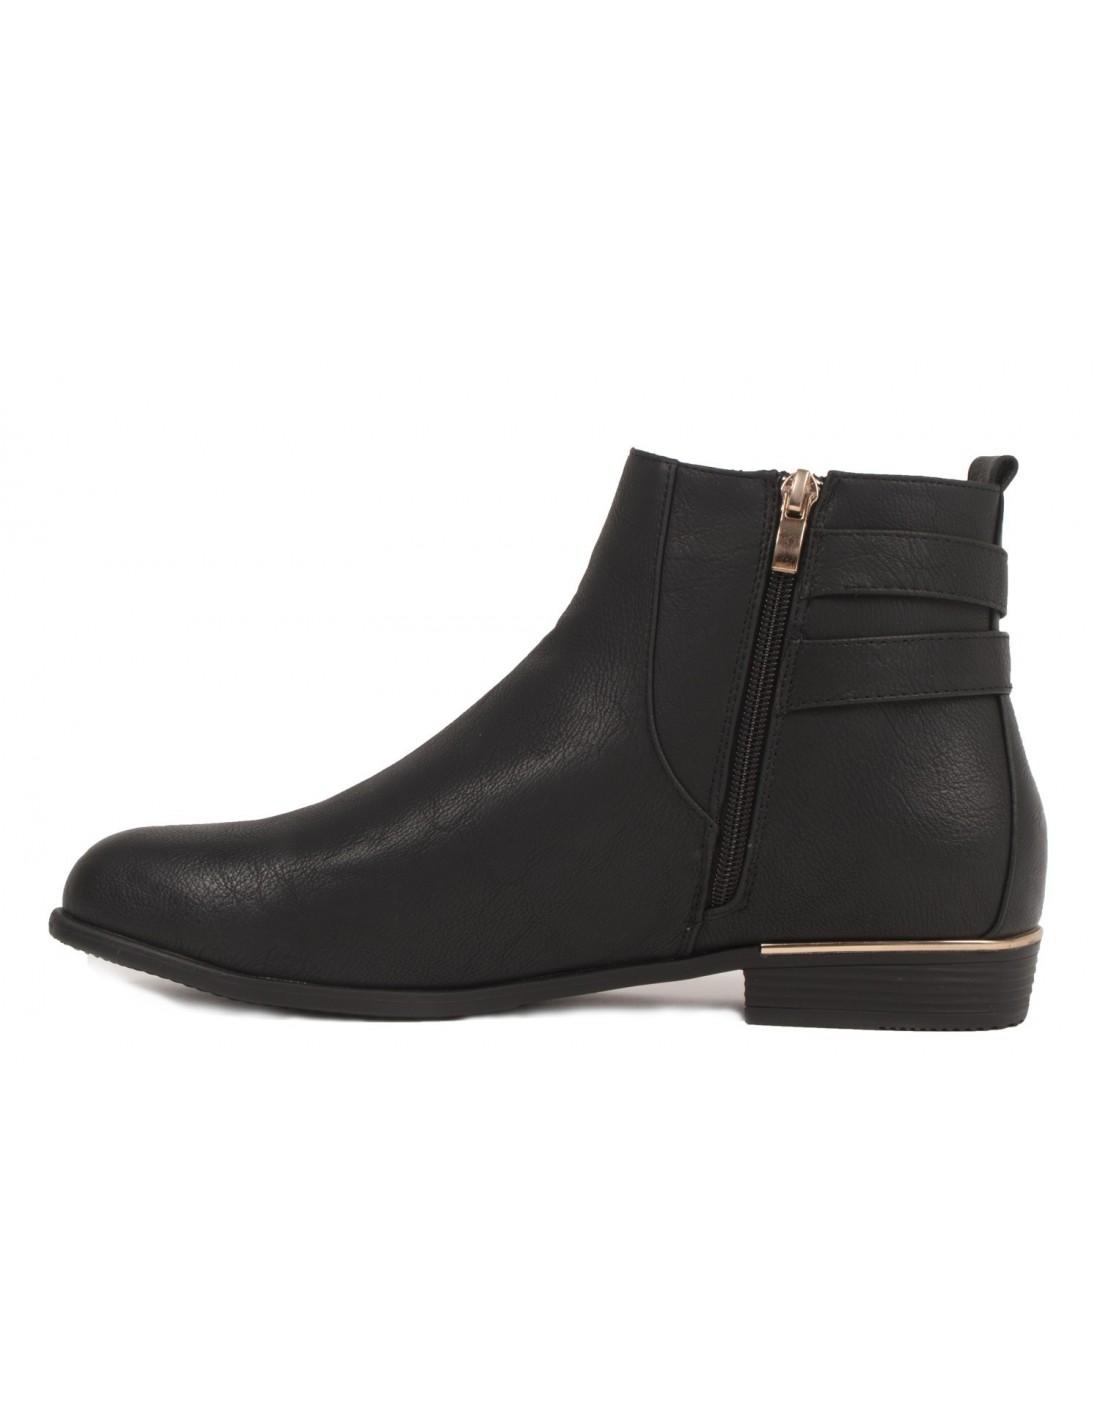 bottines chelsea noir femme grande pointure 41 42 43 44 en simili cuir. Black Bedroom Furniture Sets. Home Design Ideas